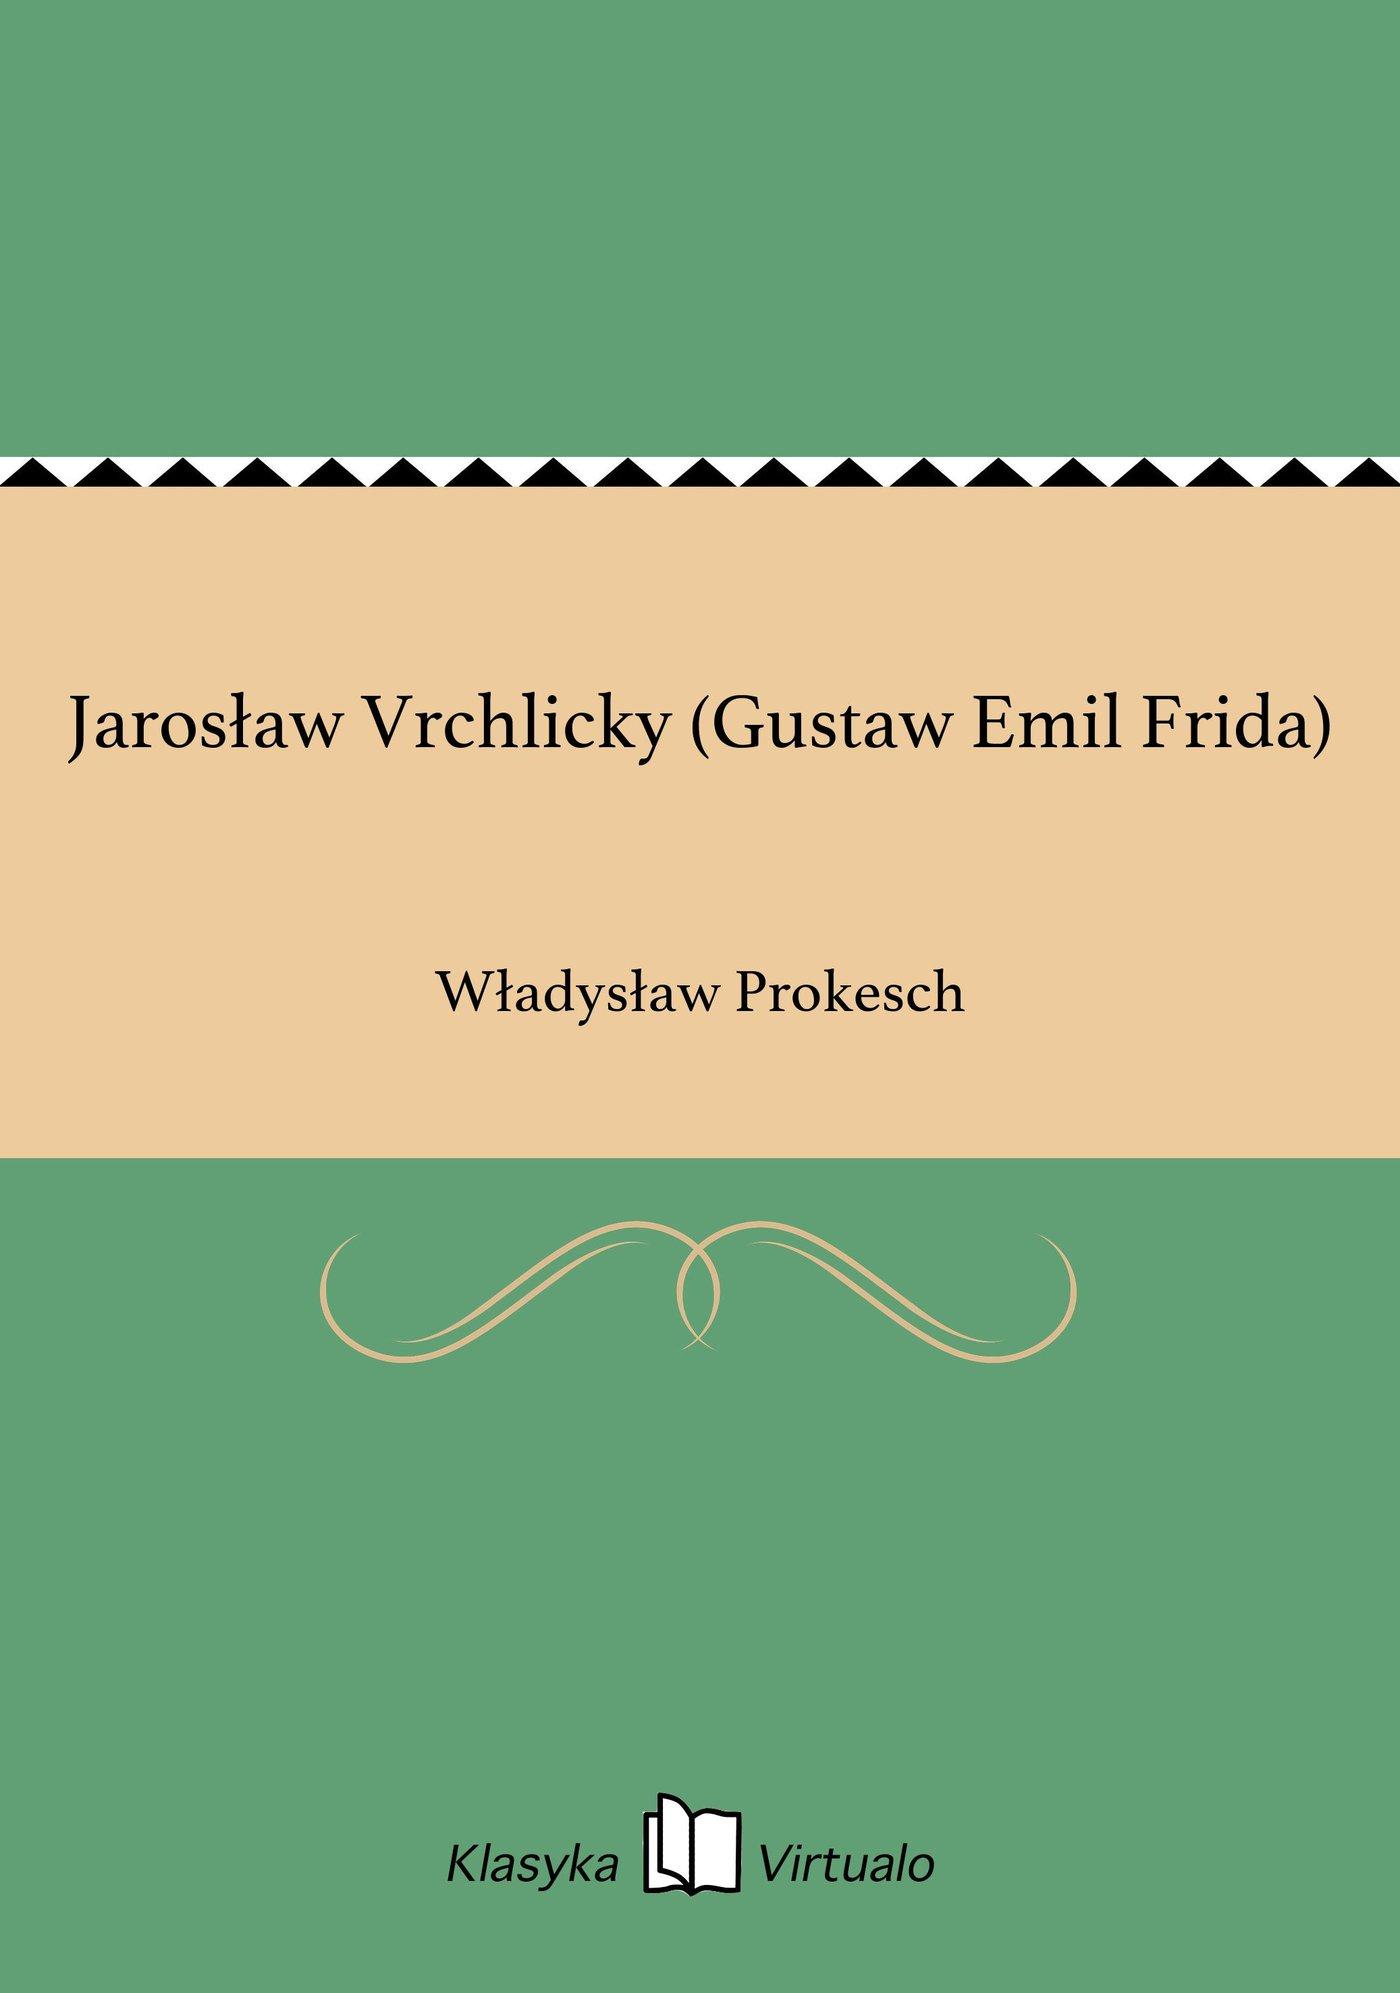 Jarosław Vrchlicky (Gustaw Emil Frida) - Ebook (Książka EPUB) do pobrania w formacie EPUB